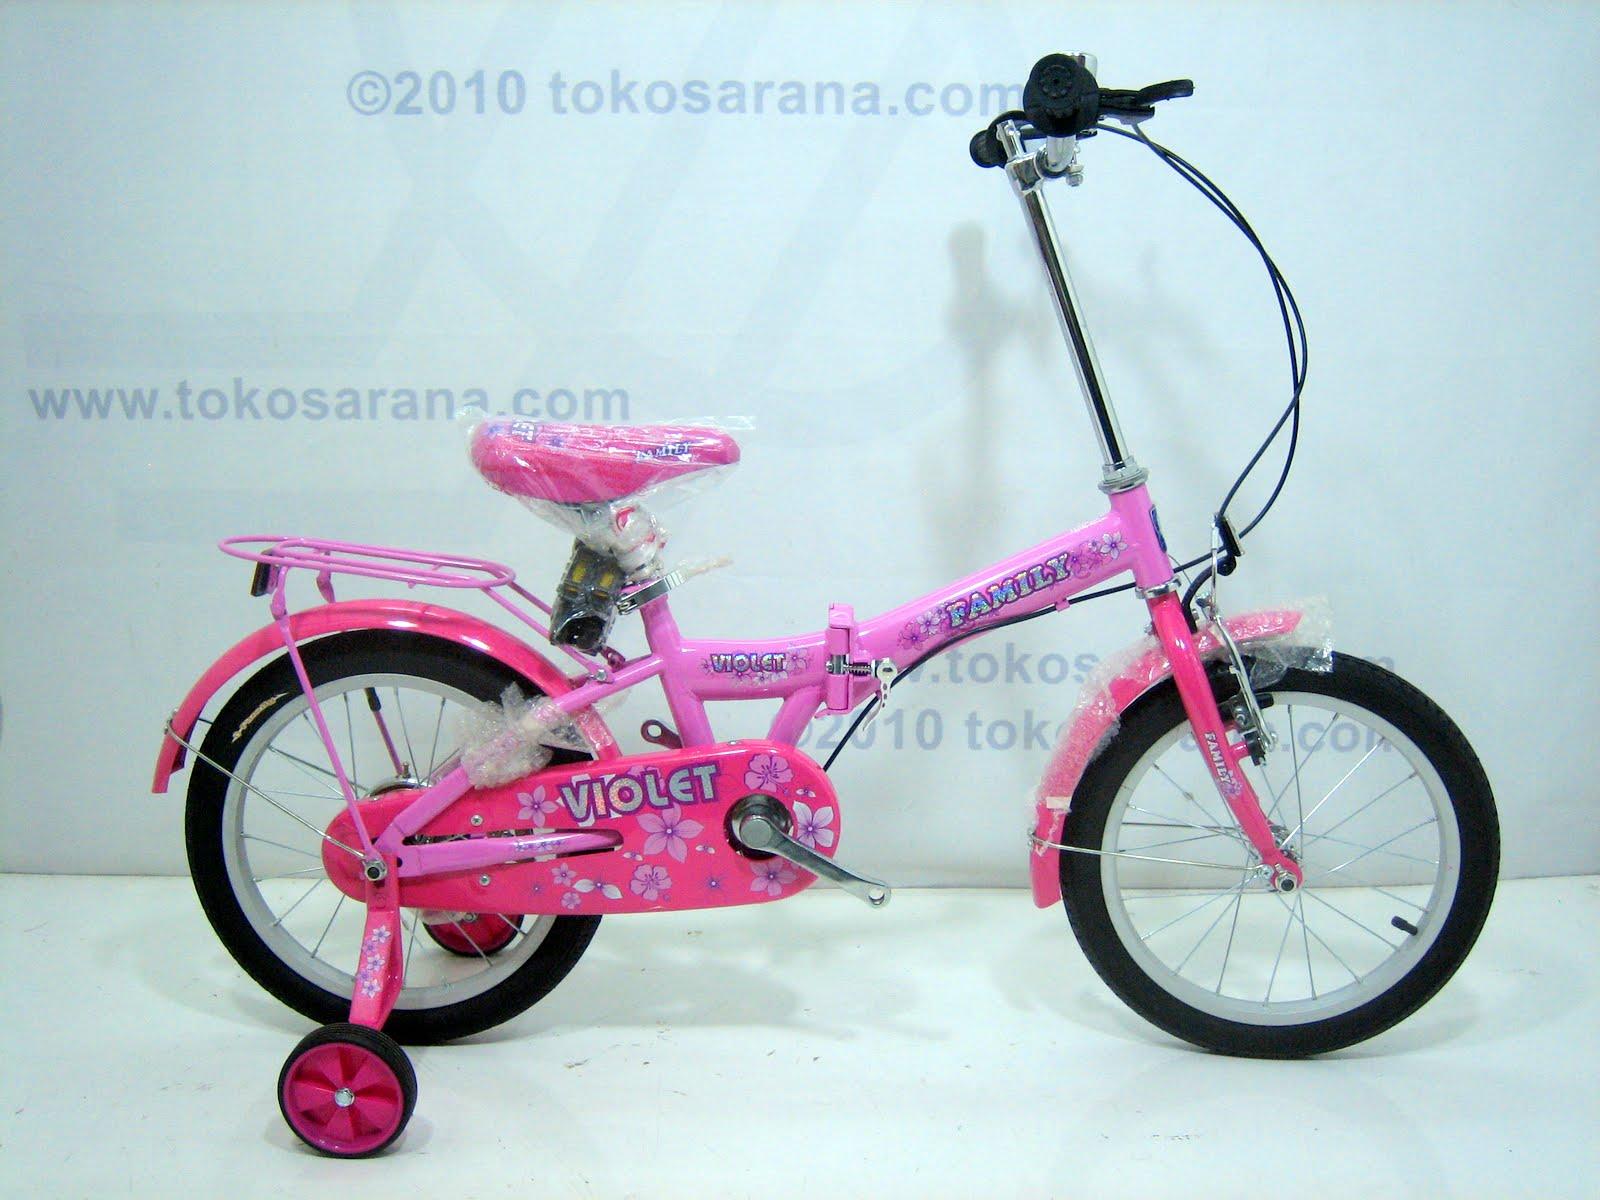 tokosarana™ | Mahasarana Sukses™: Sepeda Lipat Anak Family